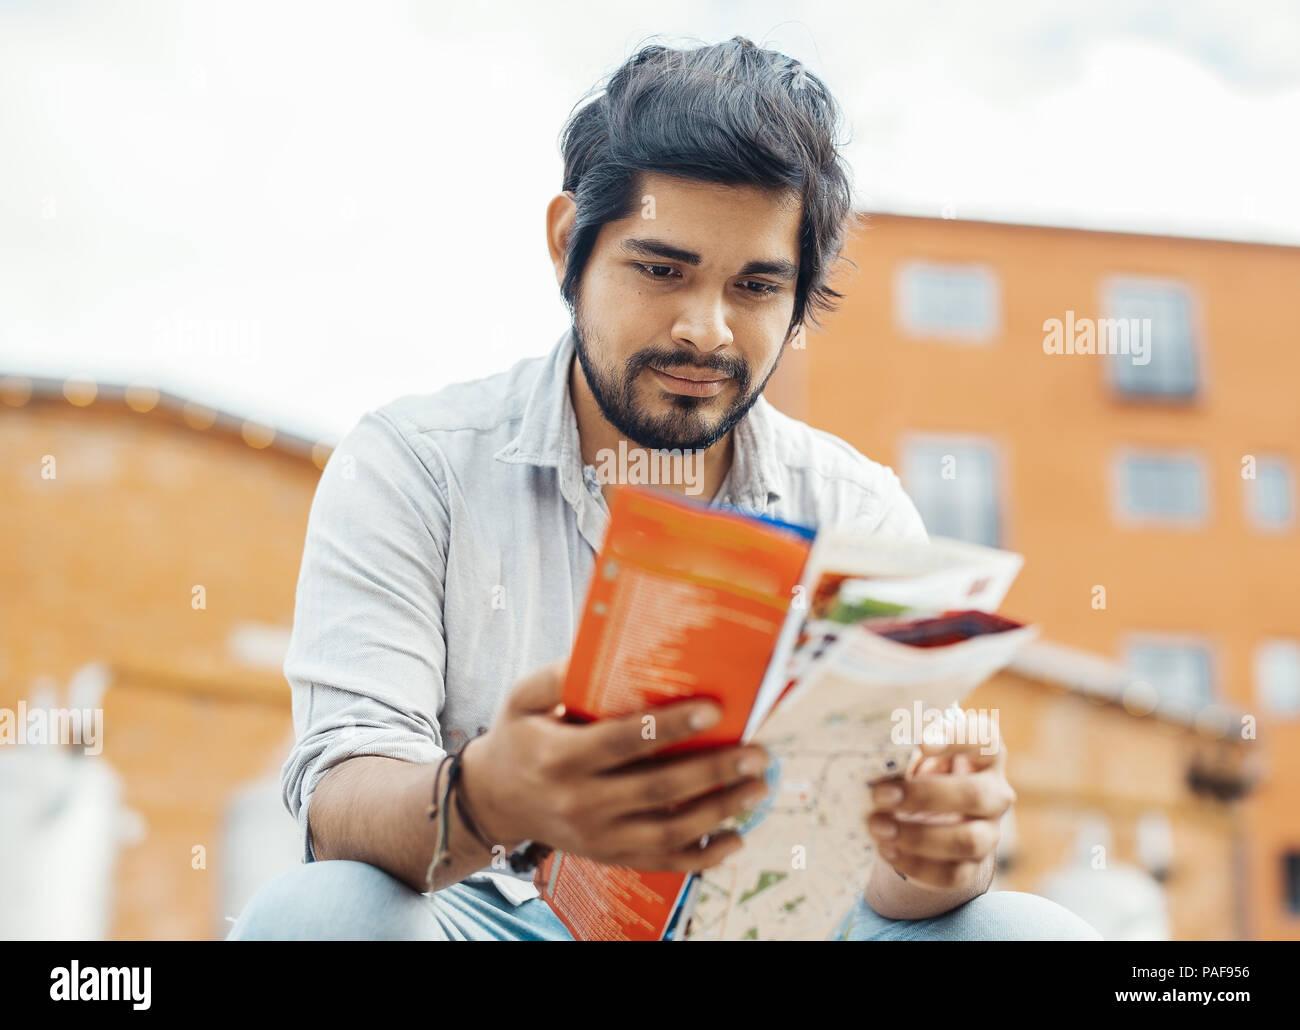 Attraente uomo latino guardando la mappa. Immagini Stock